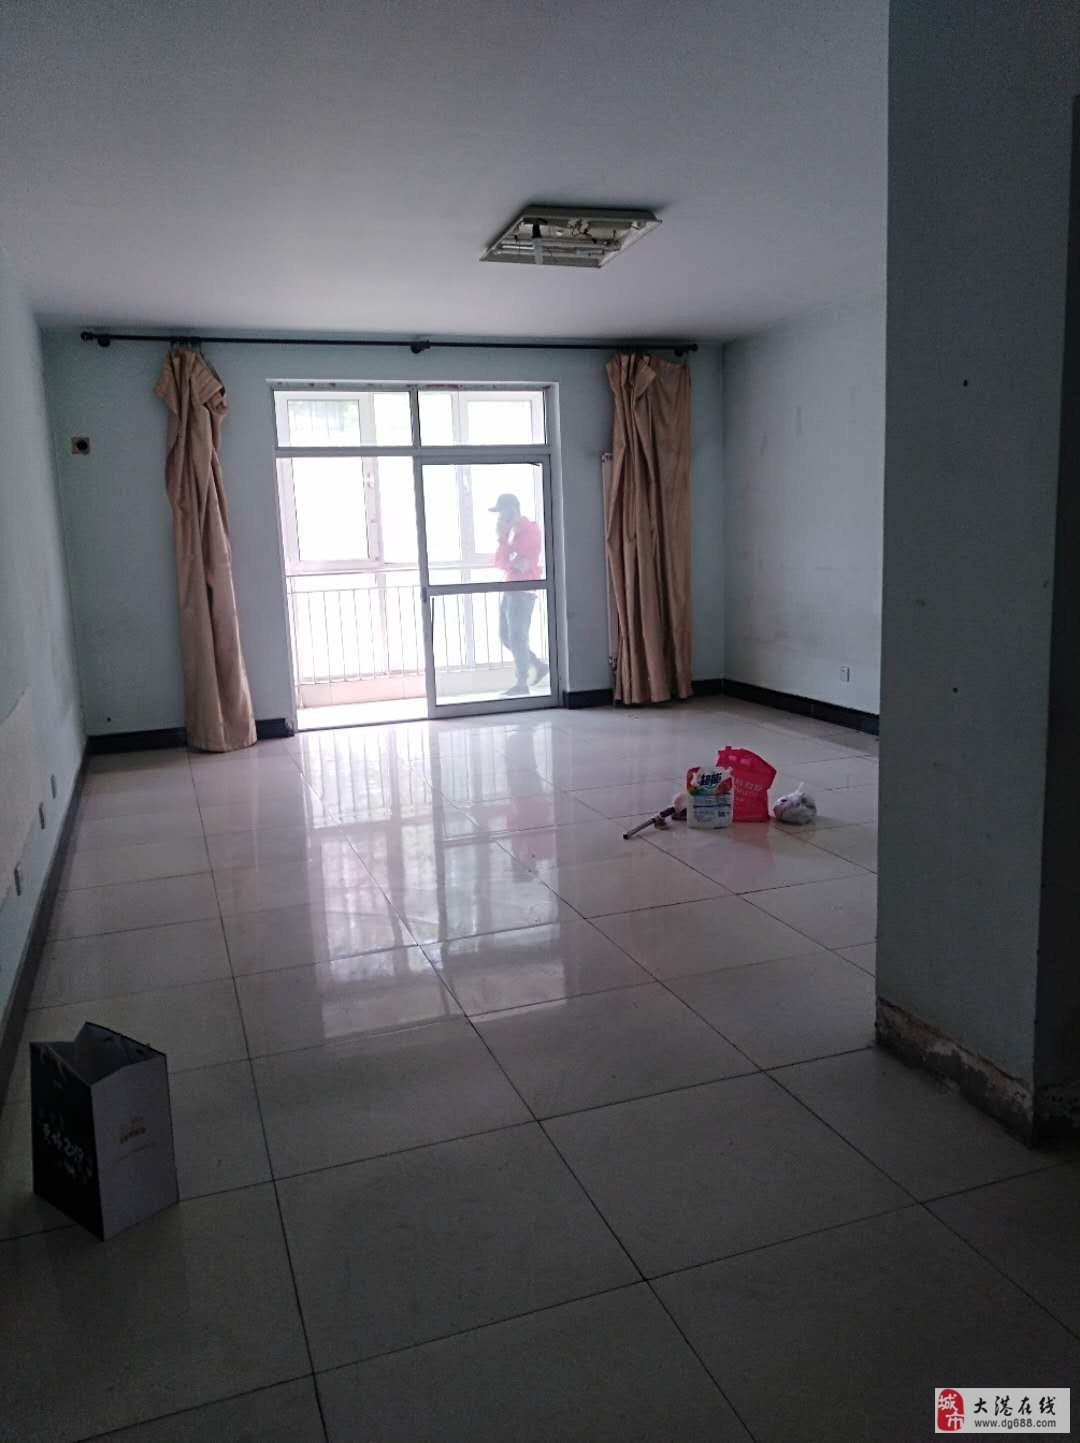 急售福泽园一楼一梯一户安静价格好谈有钥匙随时看房